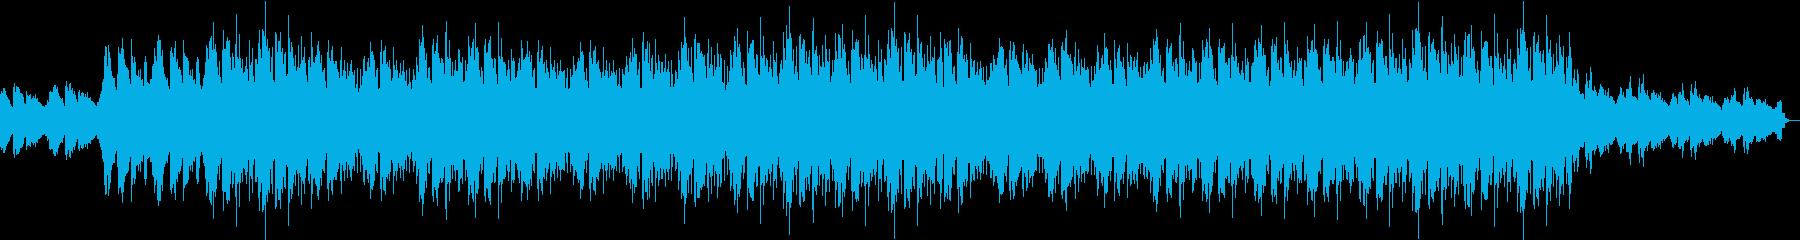 静かで切ないアンビエントサウンドの再生済みの波形